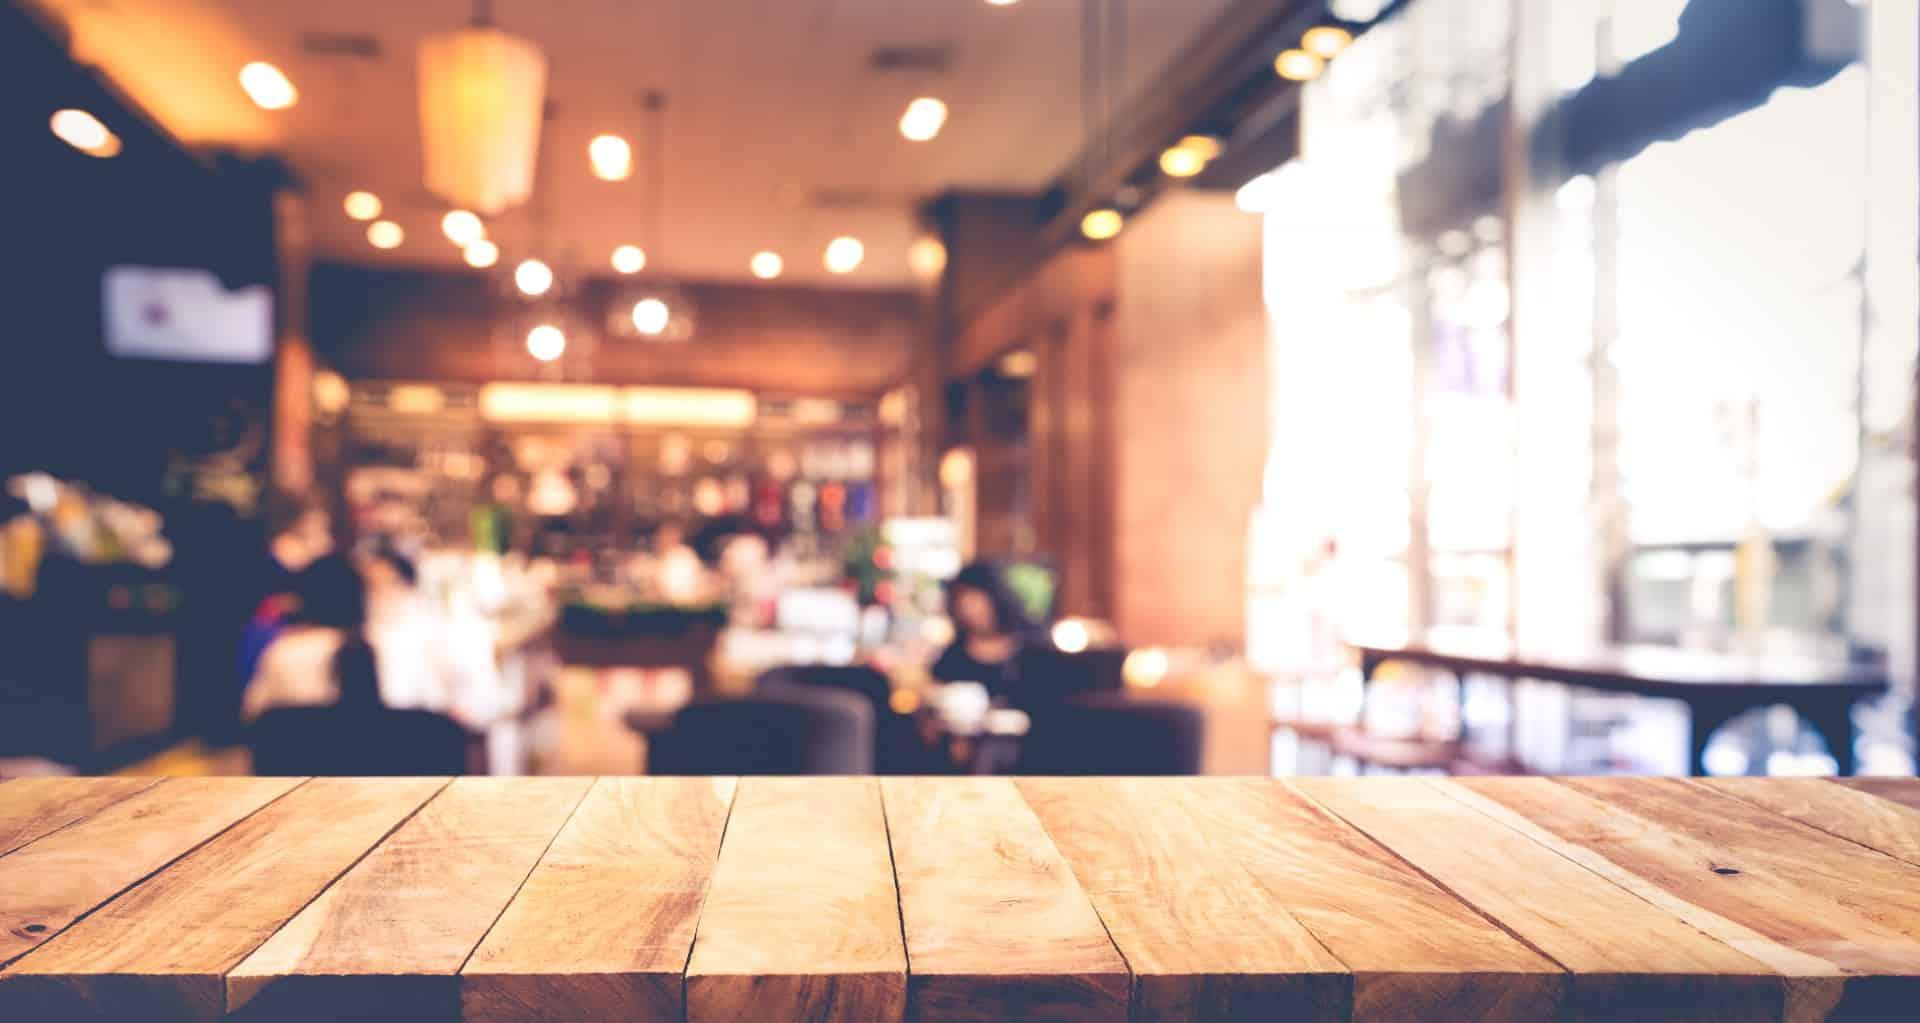 צילום אוירה מטושטש בבית קפה עם שולן מעץ